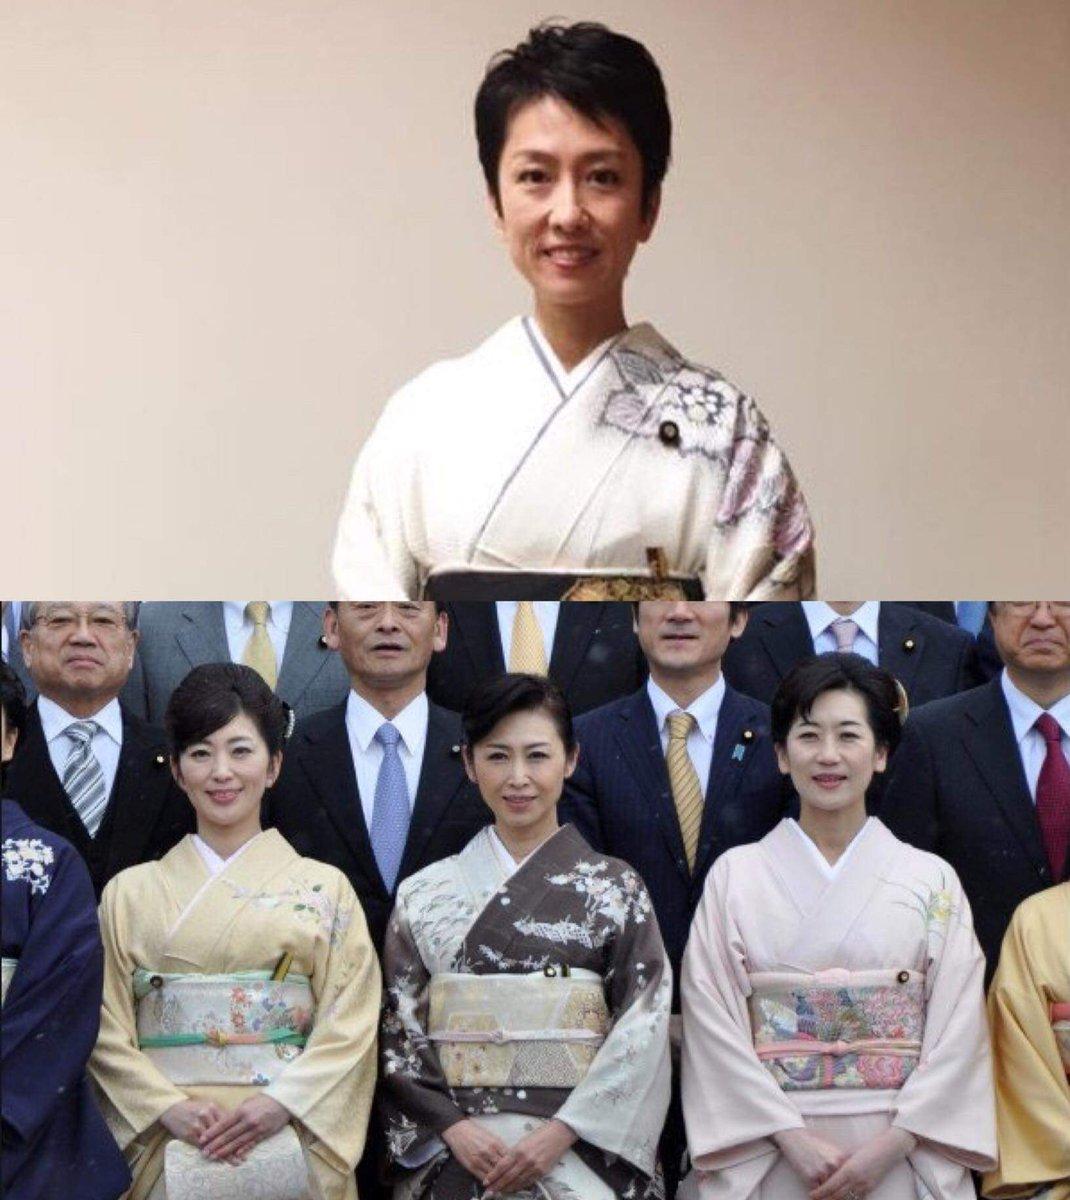 議員バッジは帯揚げに、が基本のはず。 日本の伝統に愛情の欠片もないから着物に穴を開けれるんですよ。